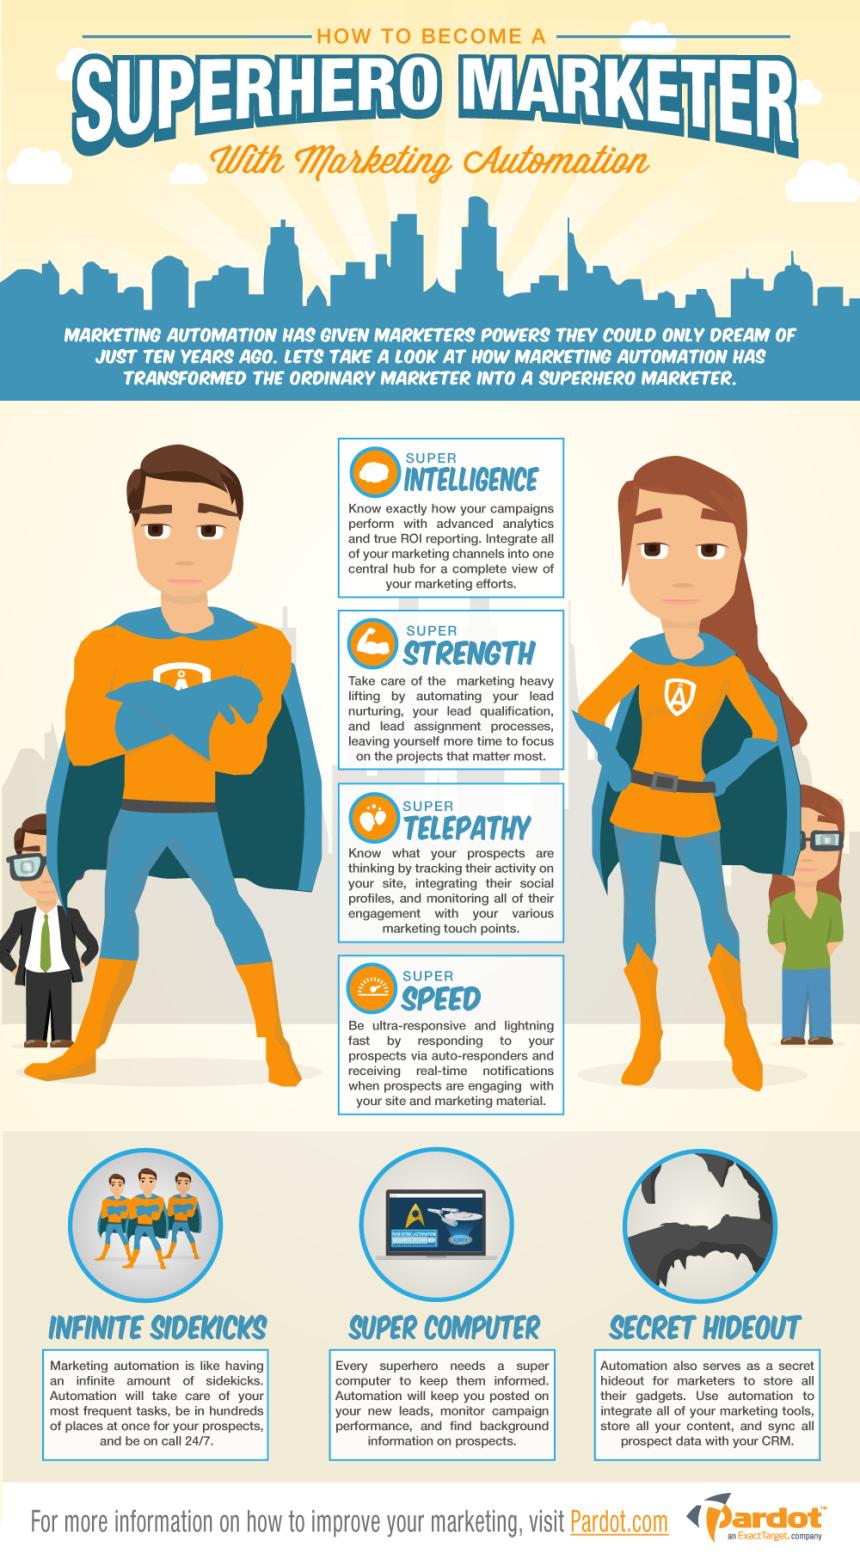 Cómo ser superhéroes del marketing